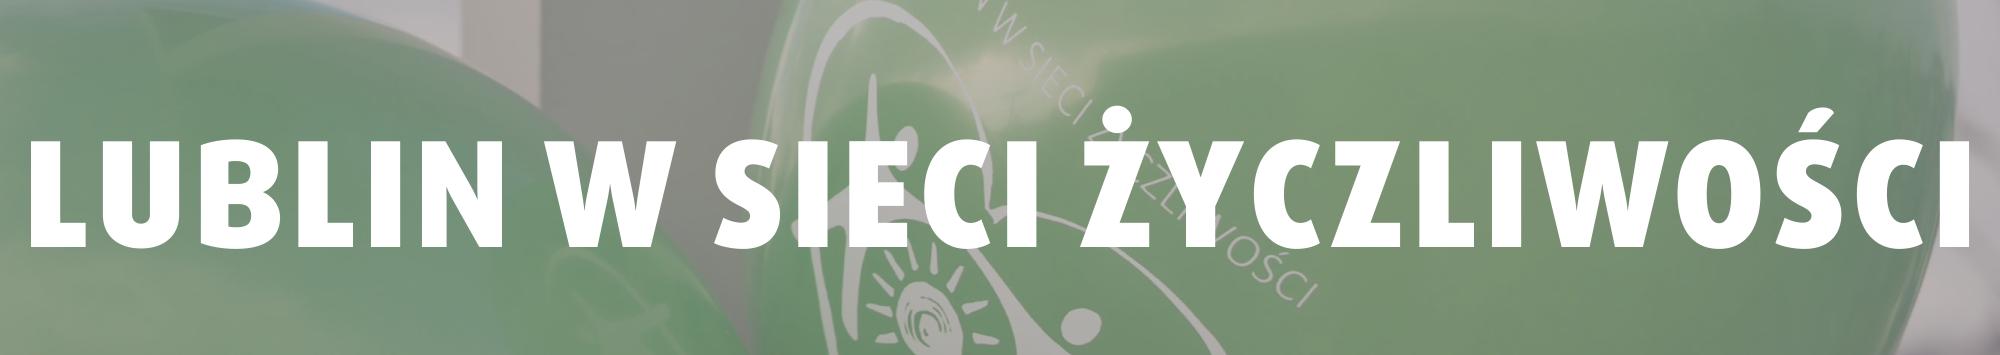 Lublin w sieci życzliwości | Fundacja KReAdukacja